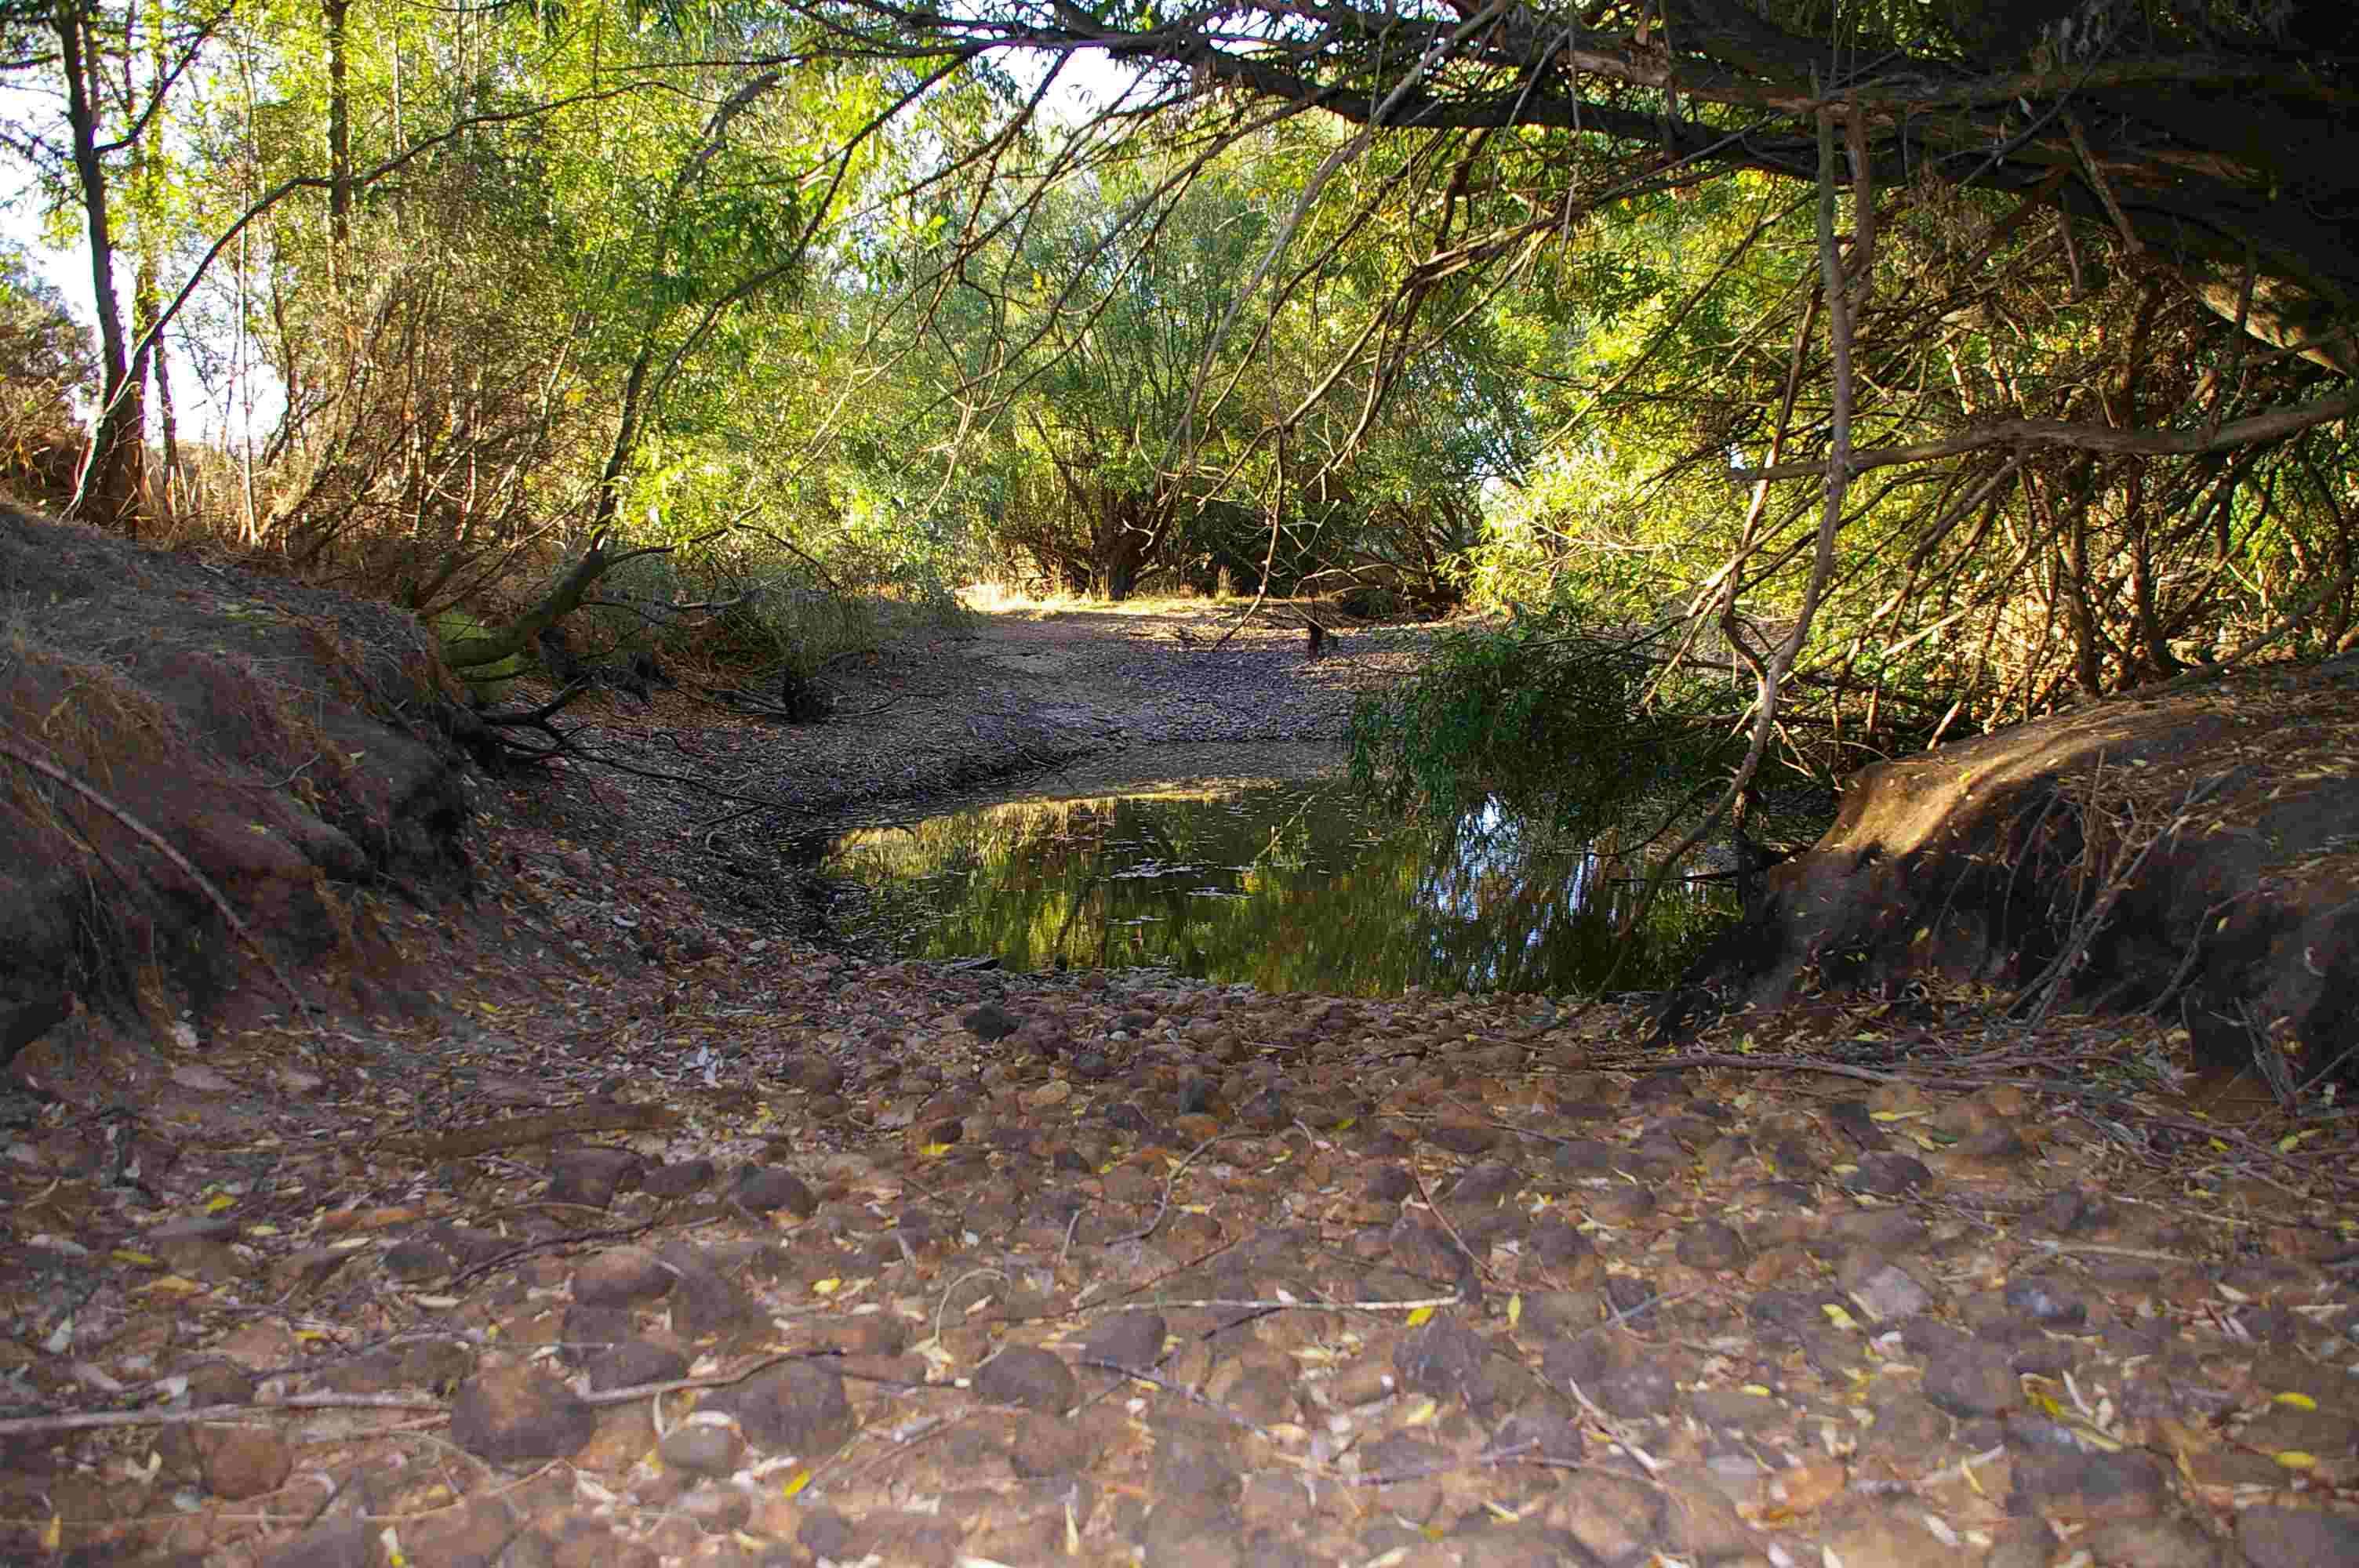 Loddon River Bed